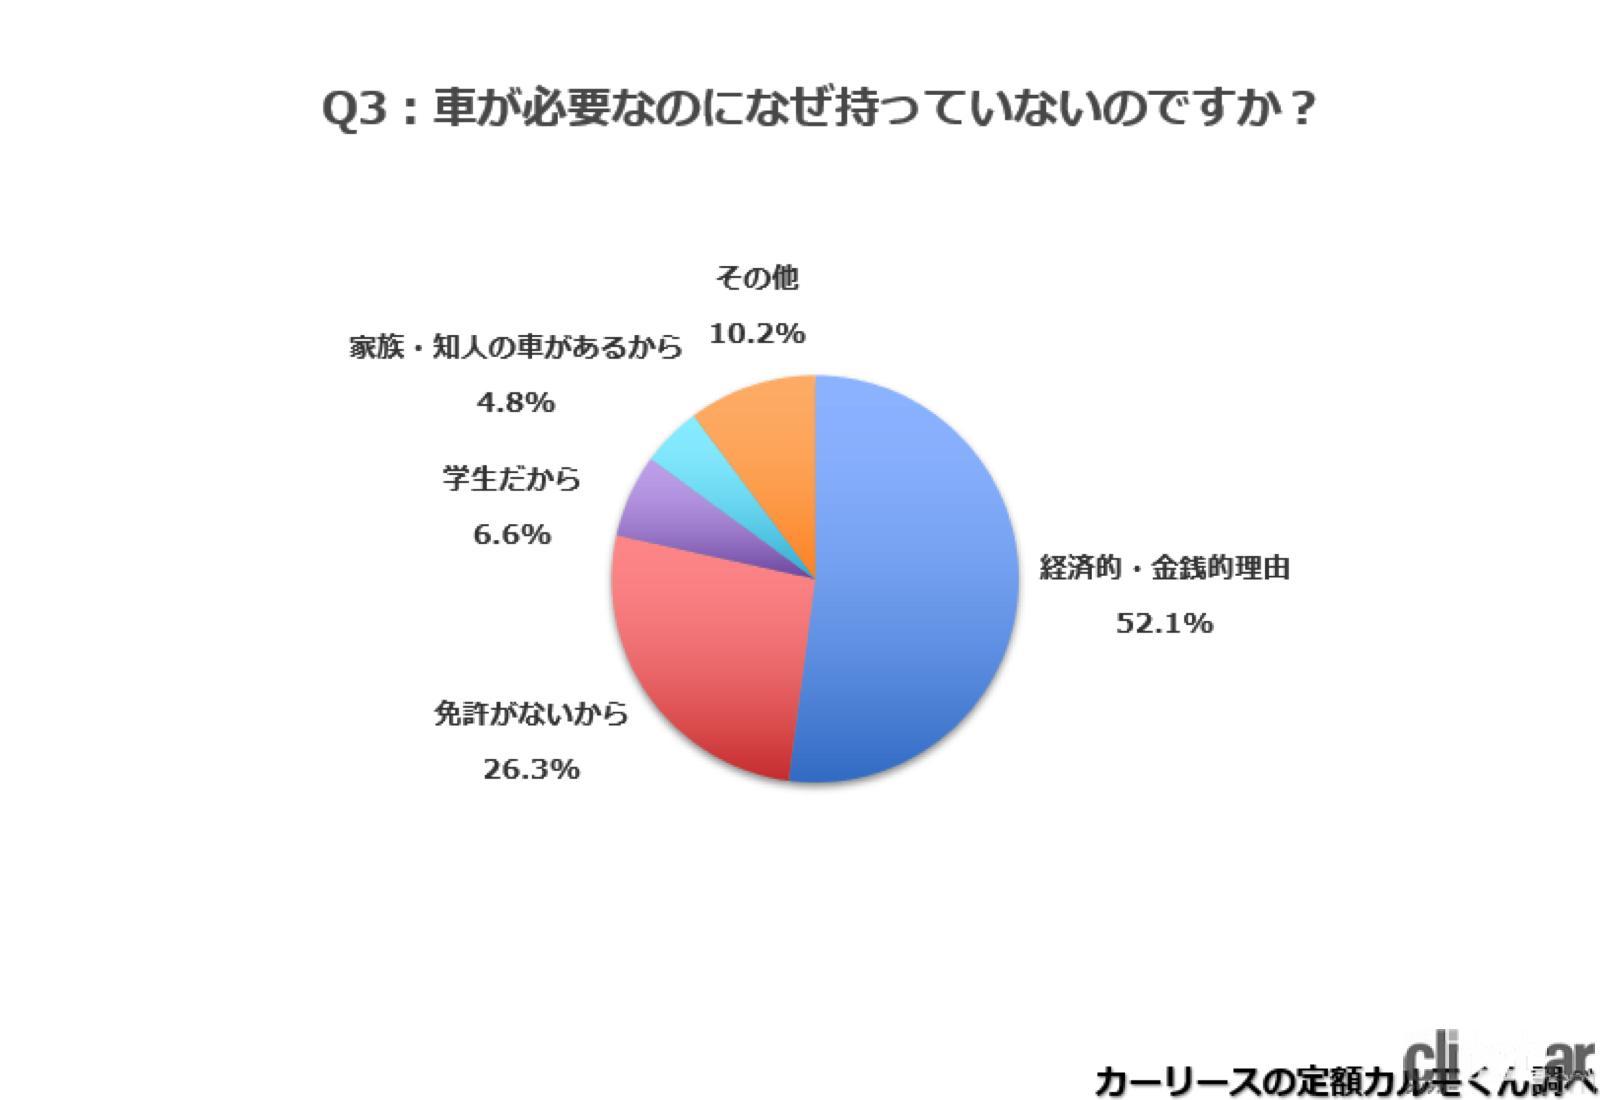 地方の新成人でクルマが必要なのに経済的理由で持っていない人52.1%